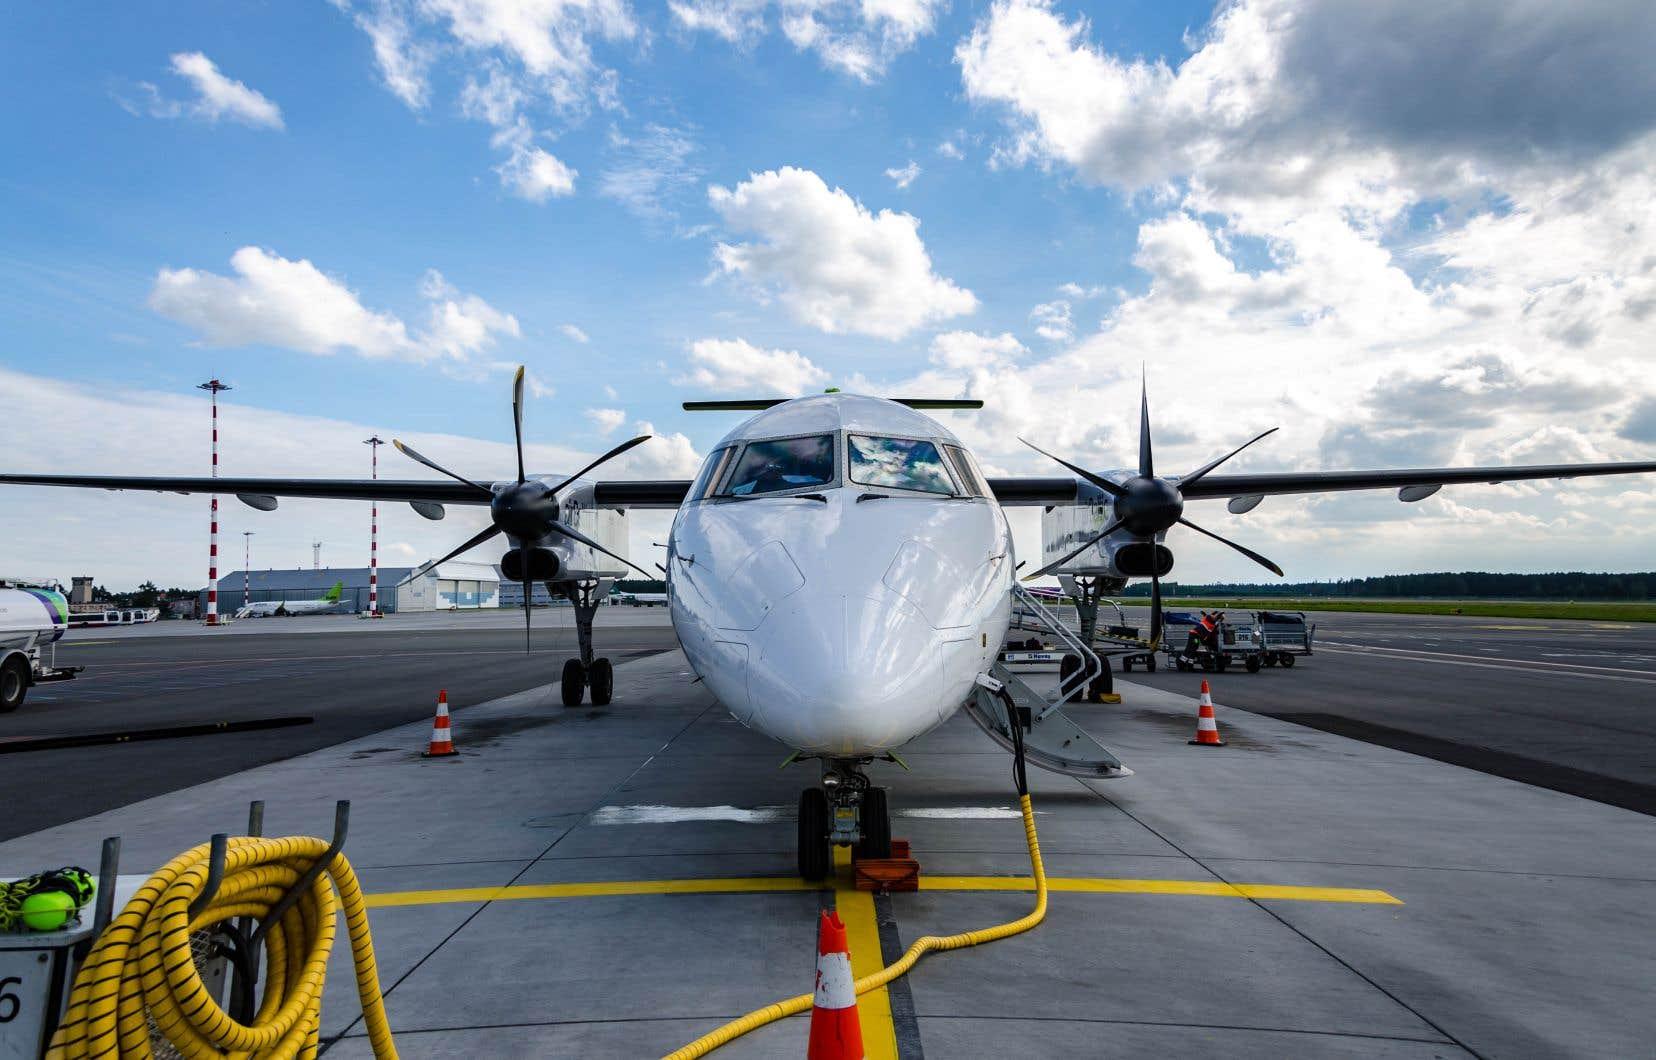 La coopérative prévoit utiliser des appareils Q400 pour son service.